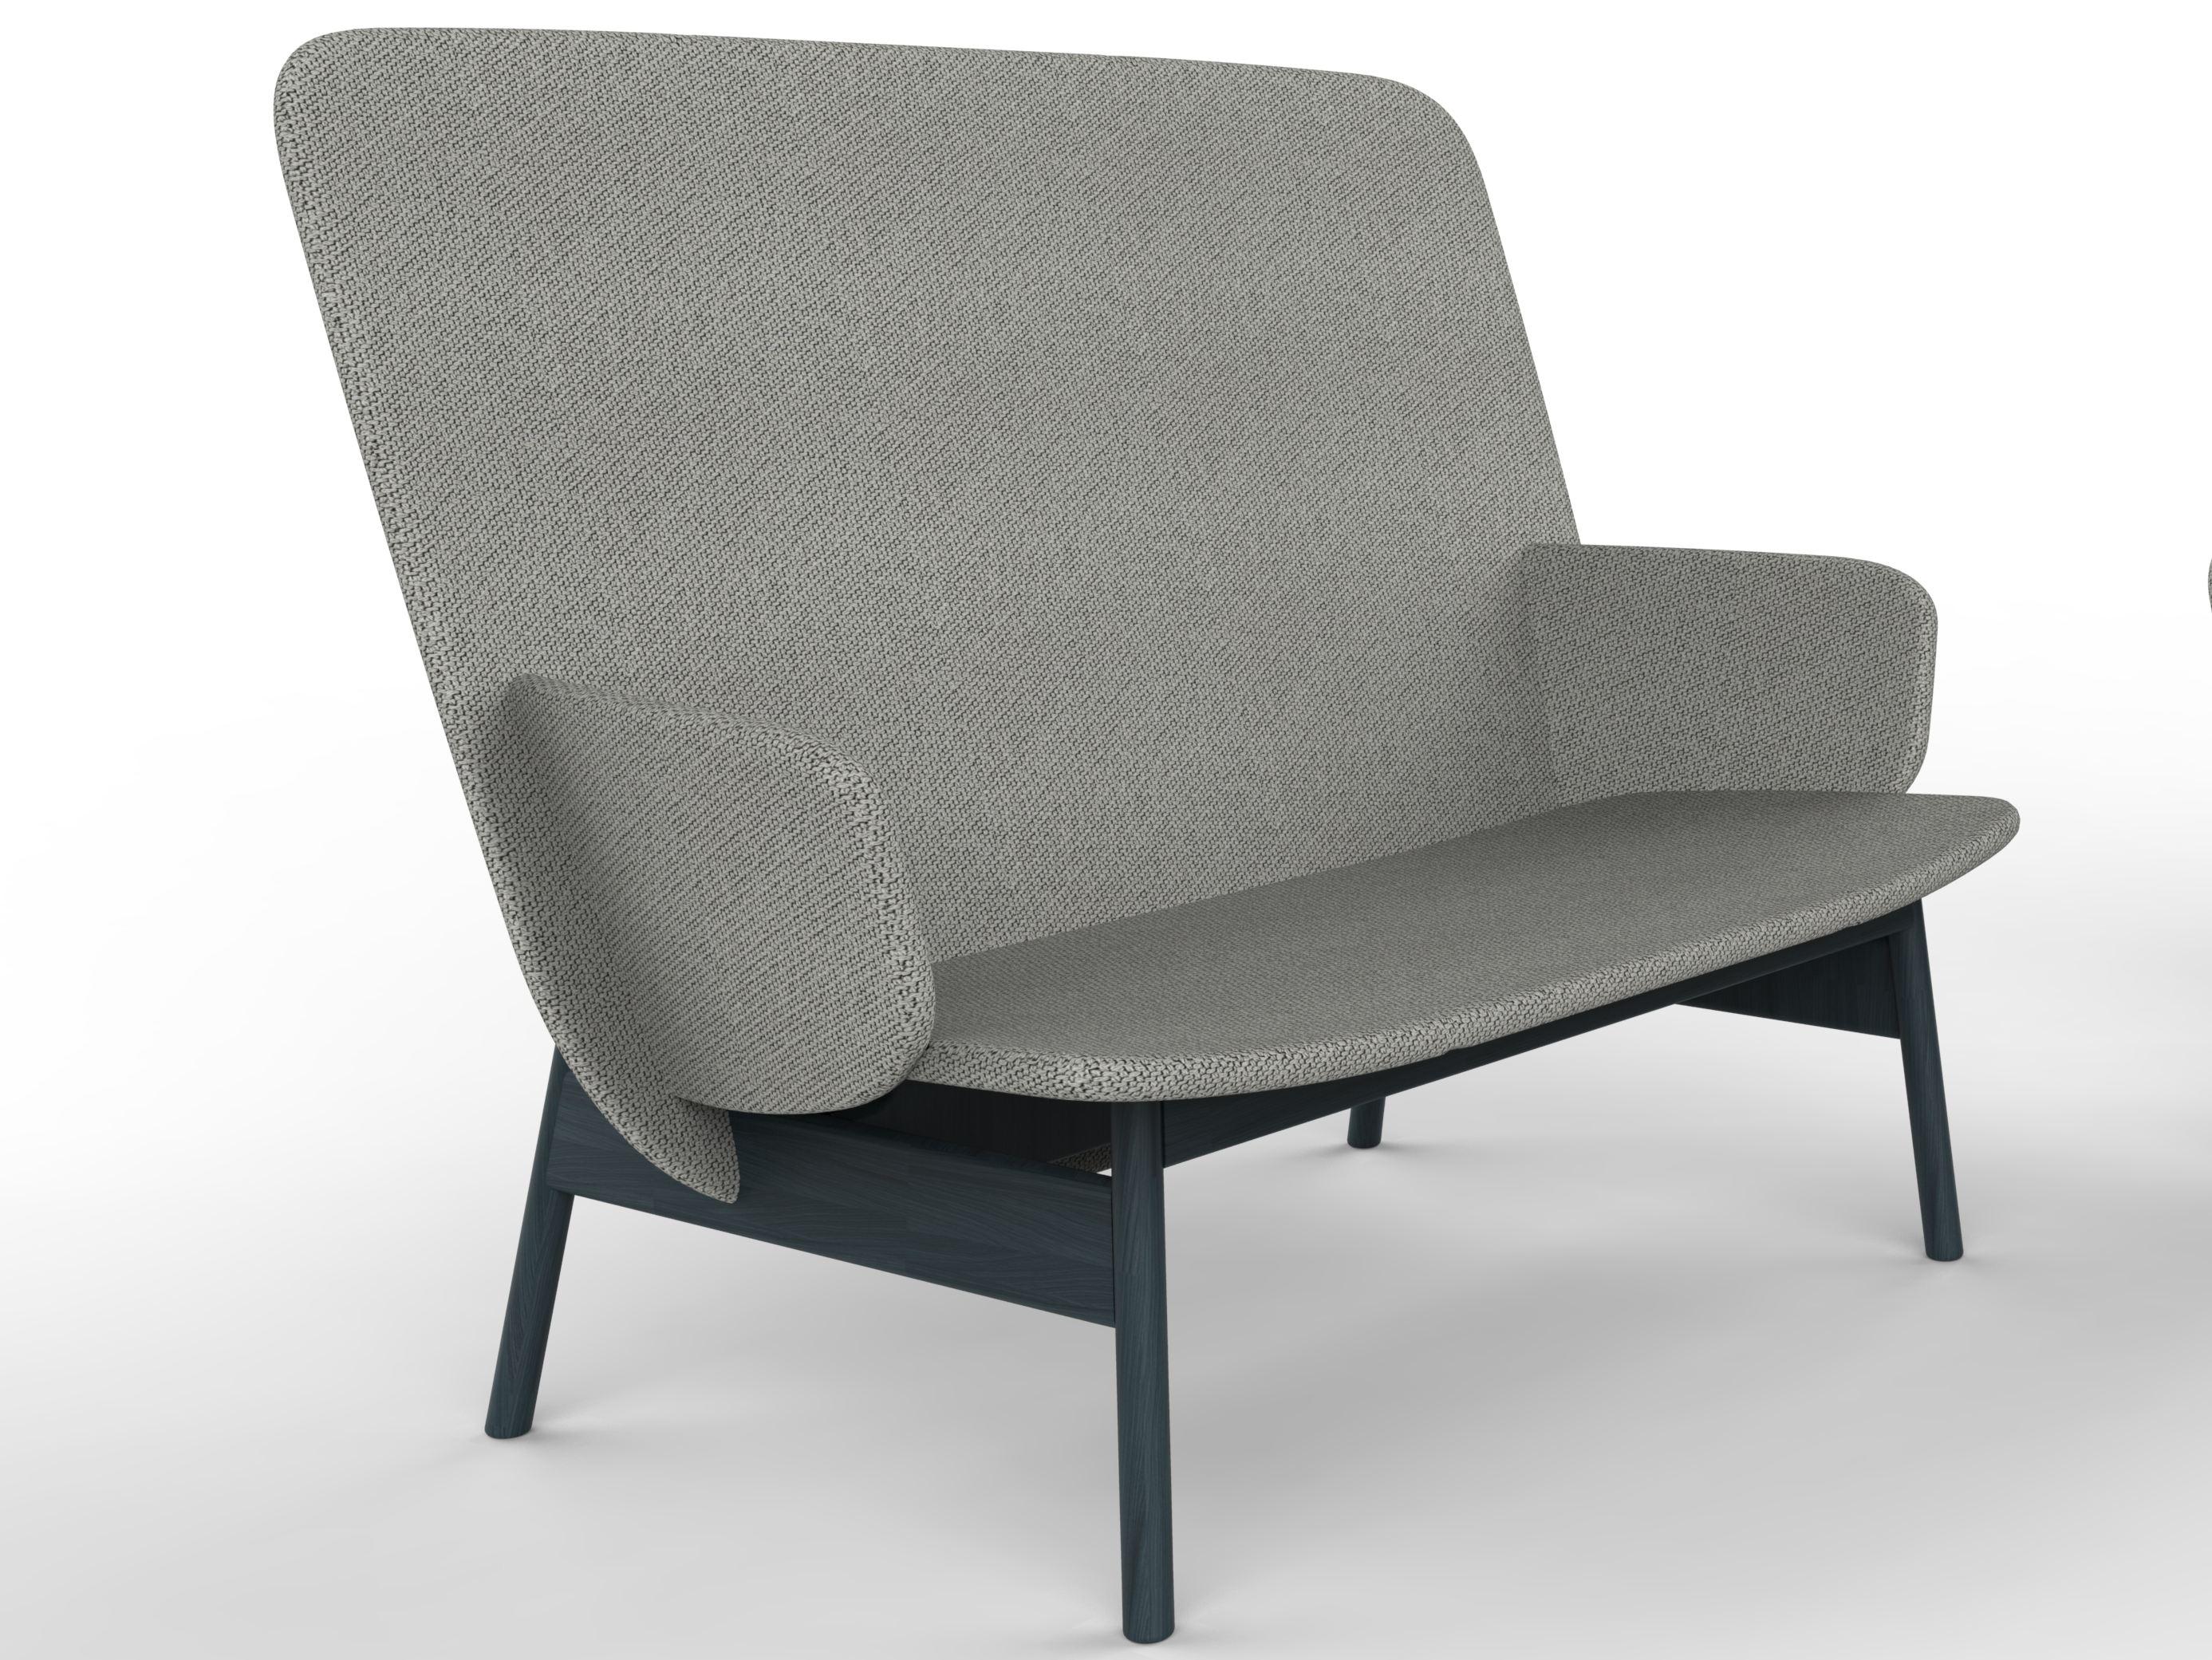 Ala Sofa by Sebastian Herkner for La Cividina